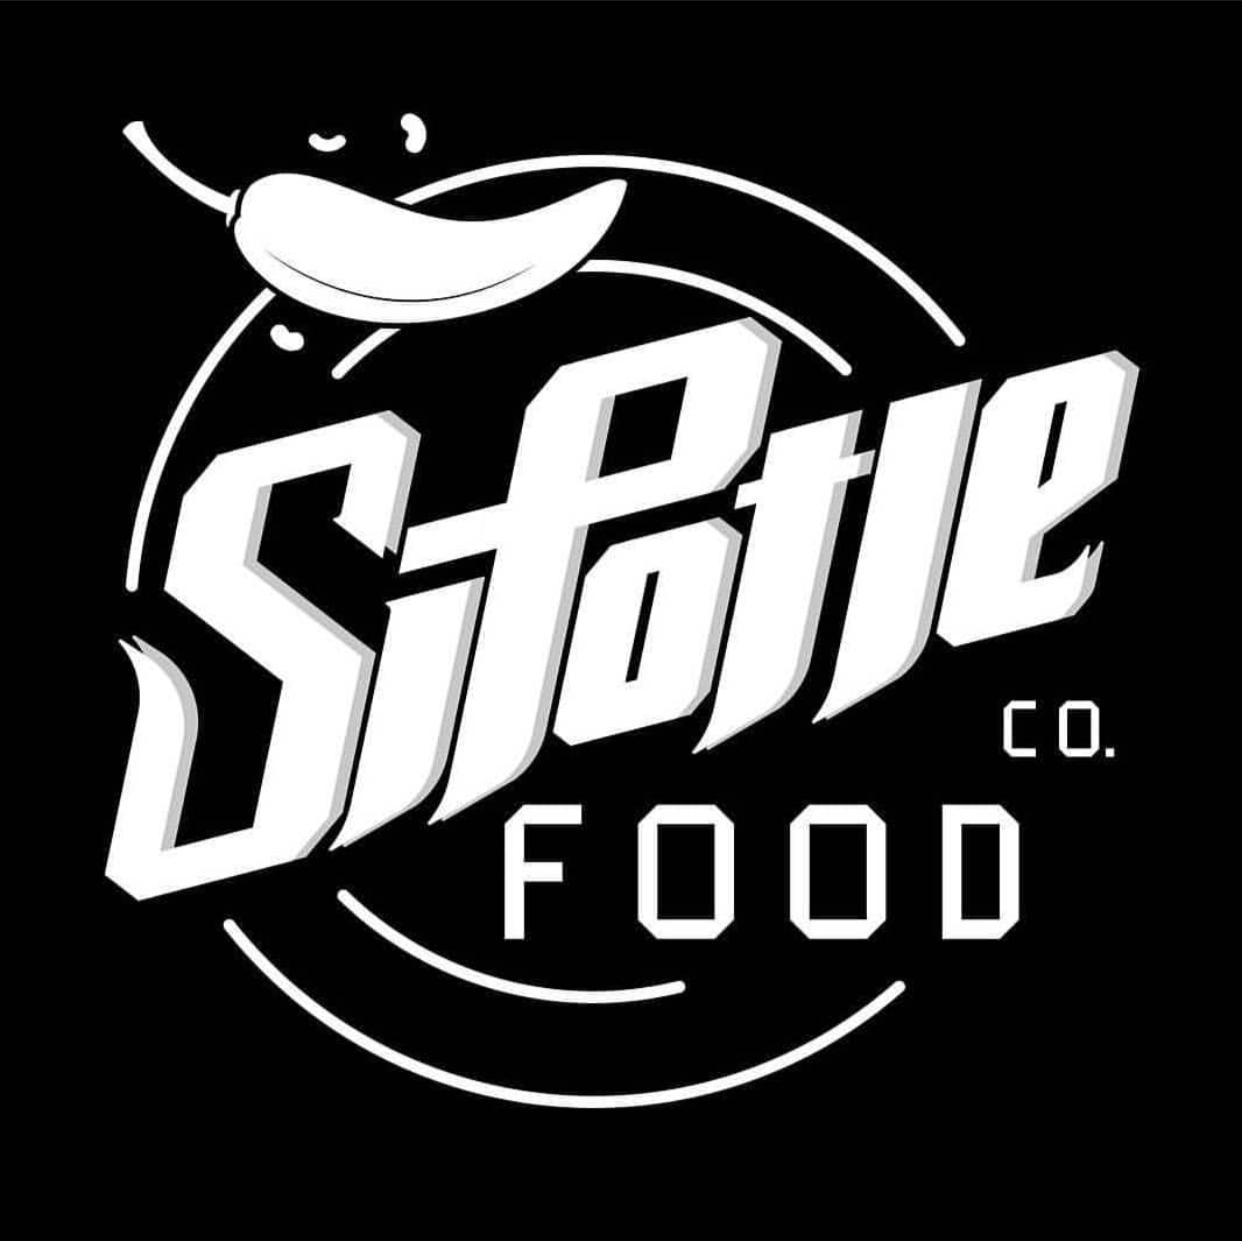 Sipotle Food - Cartago